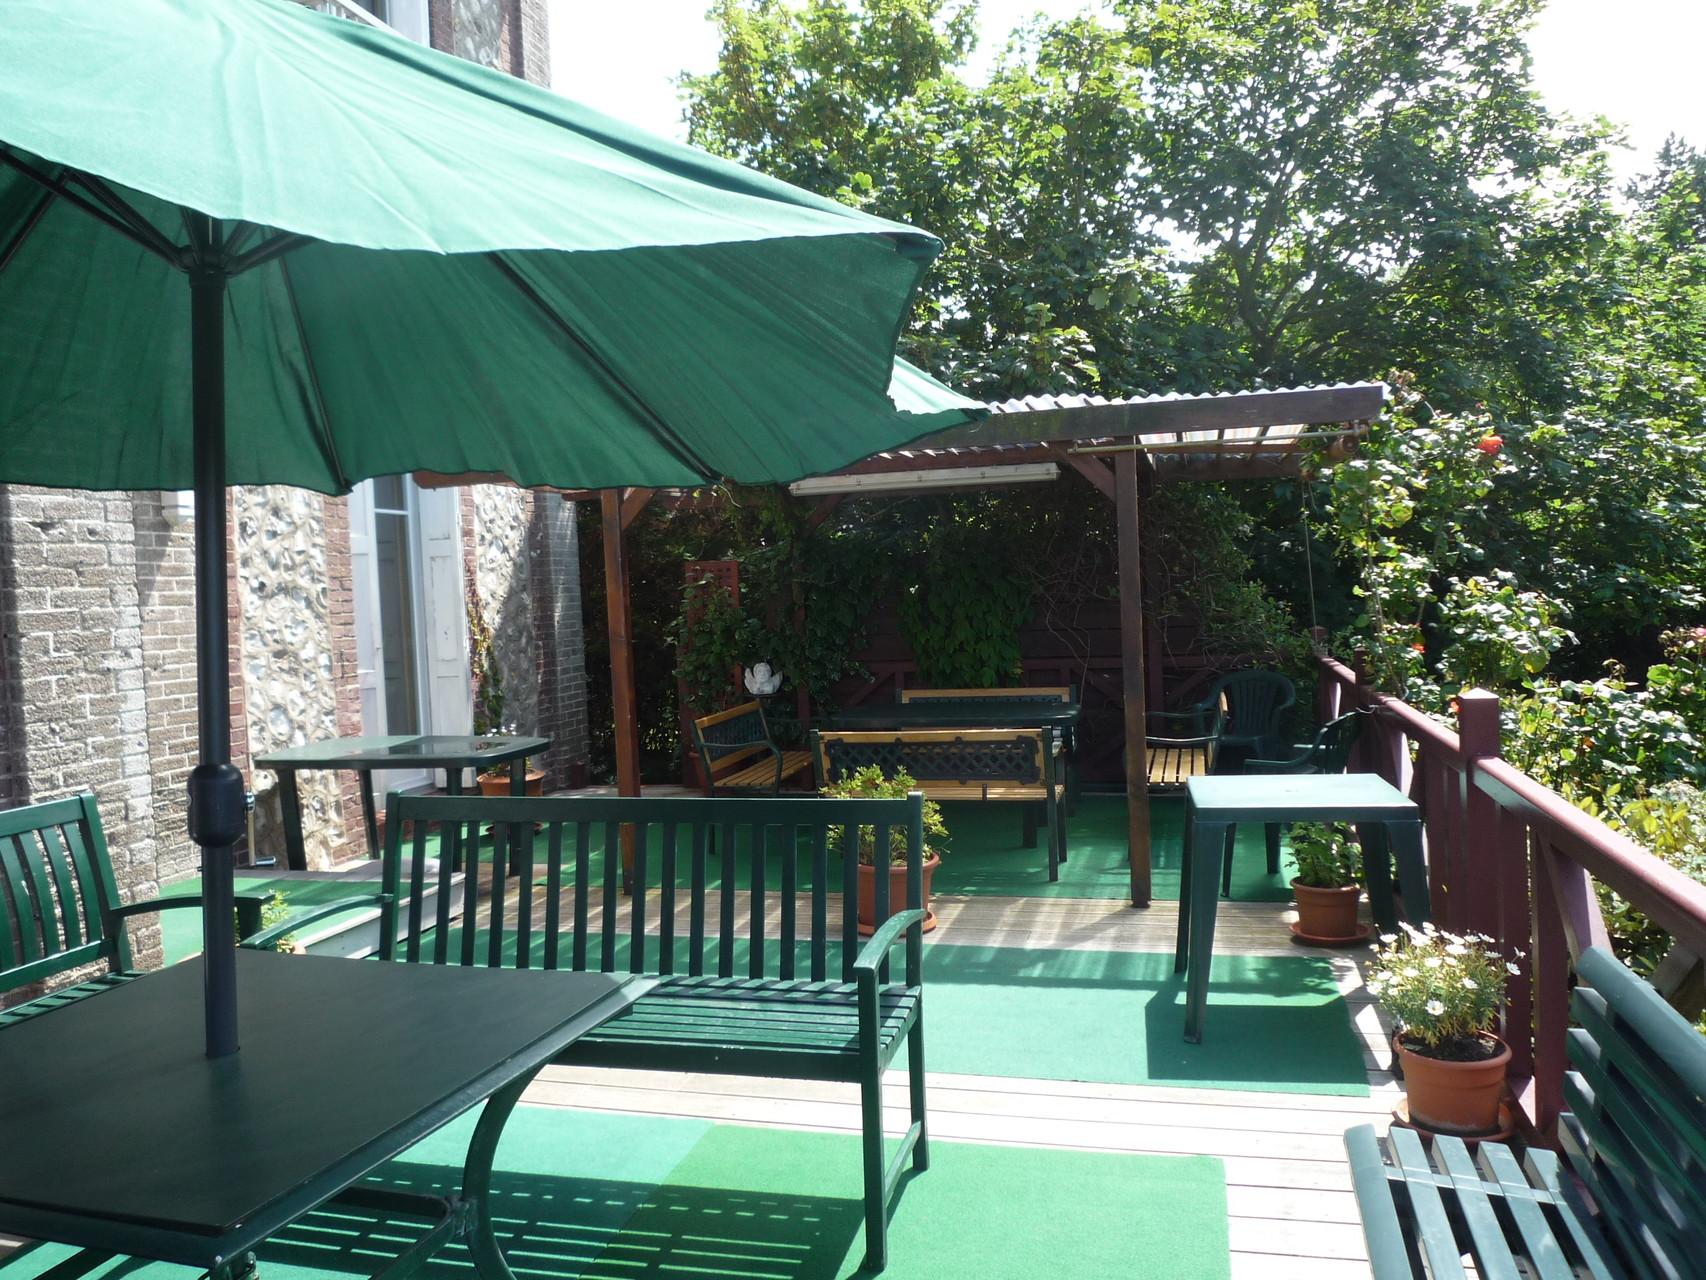 Salon et salle à manger de terrasse vus depuis les escaliers de la terrasse